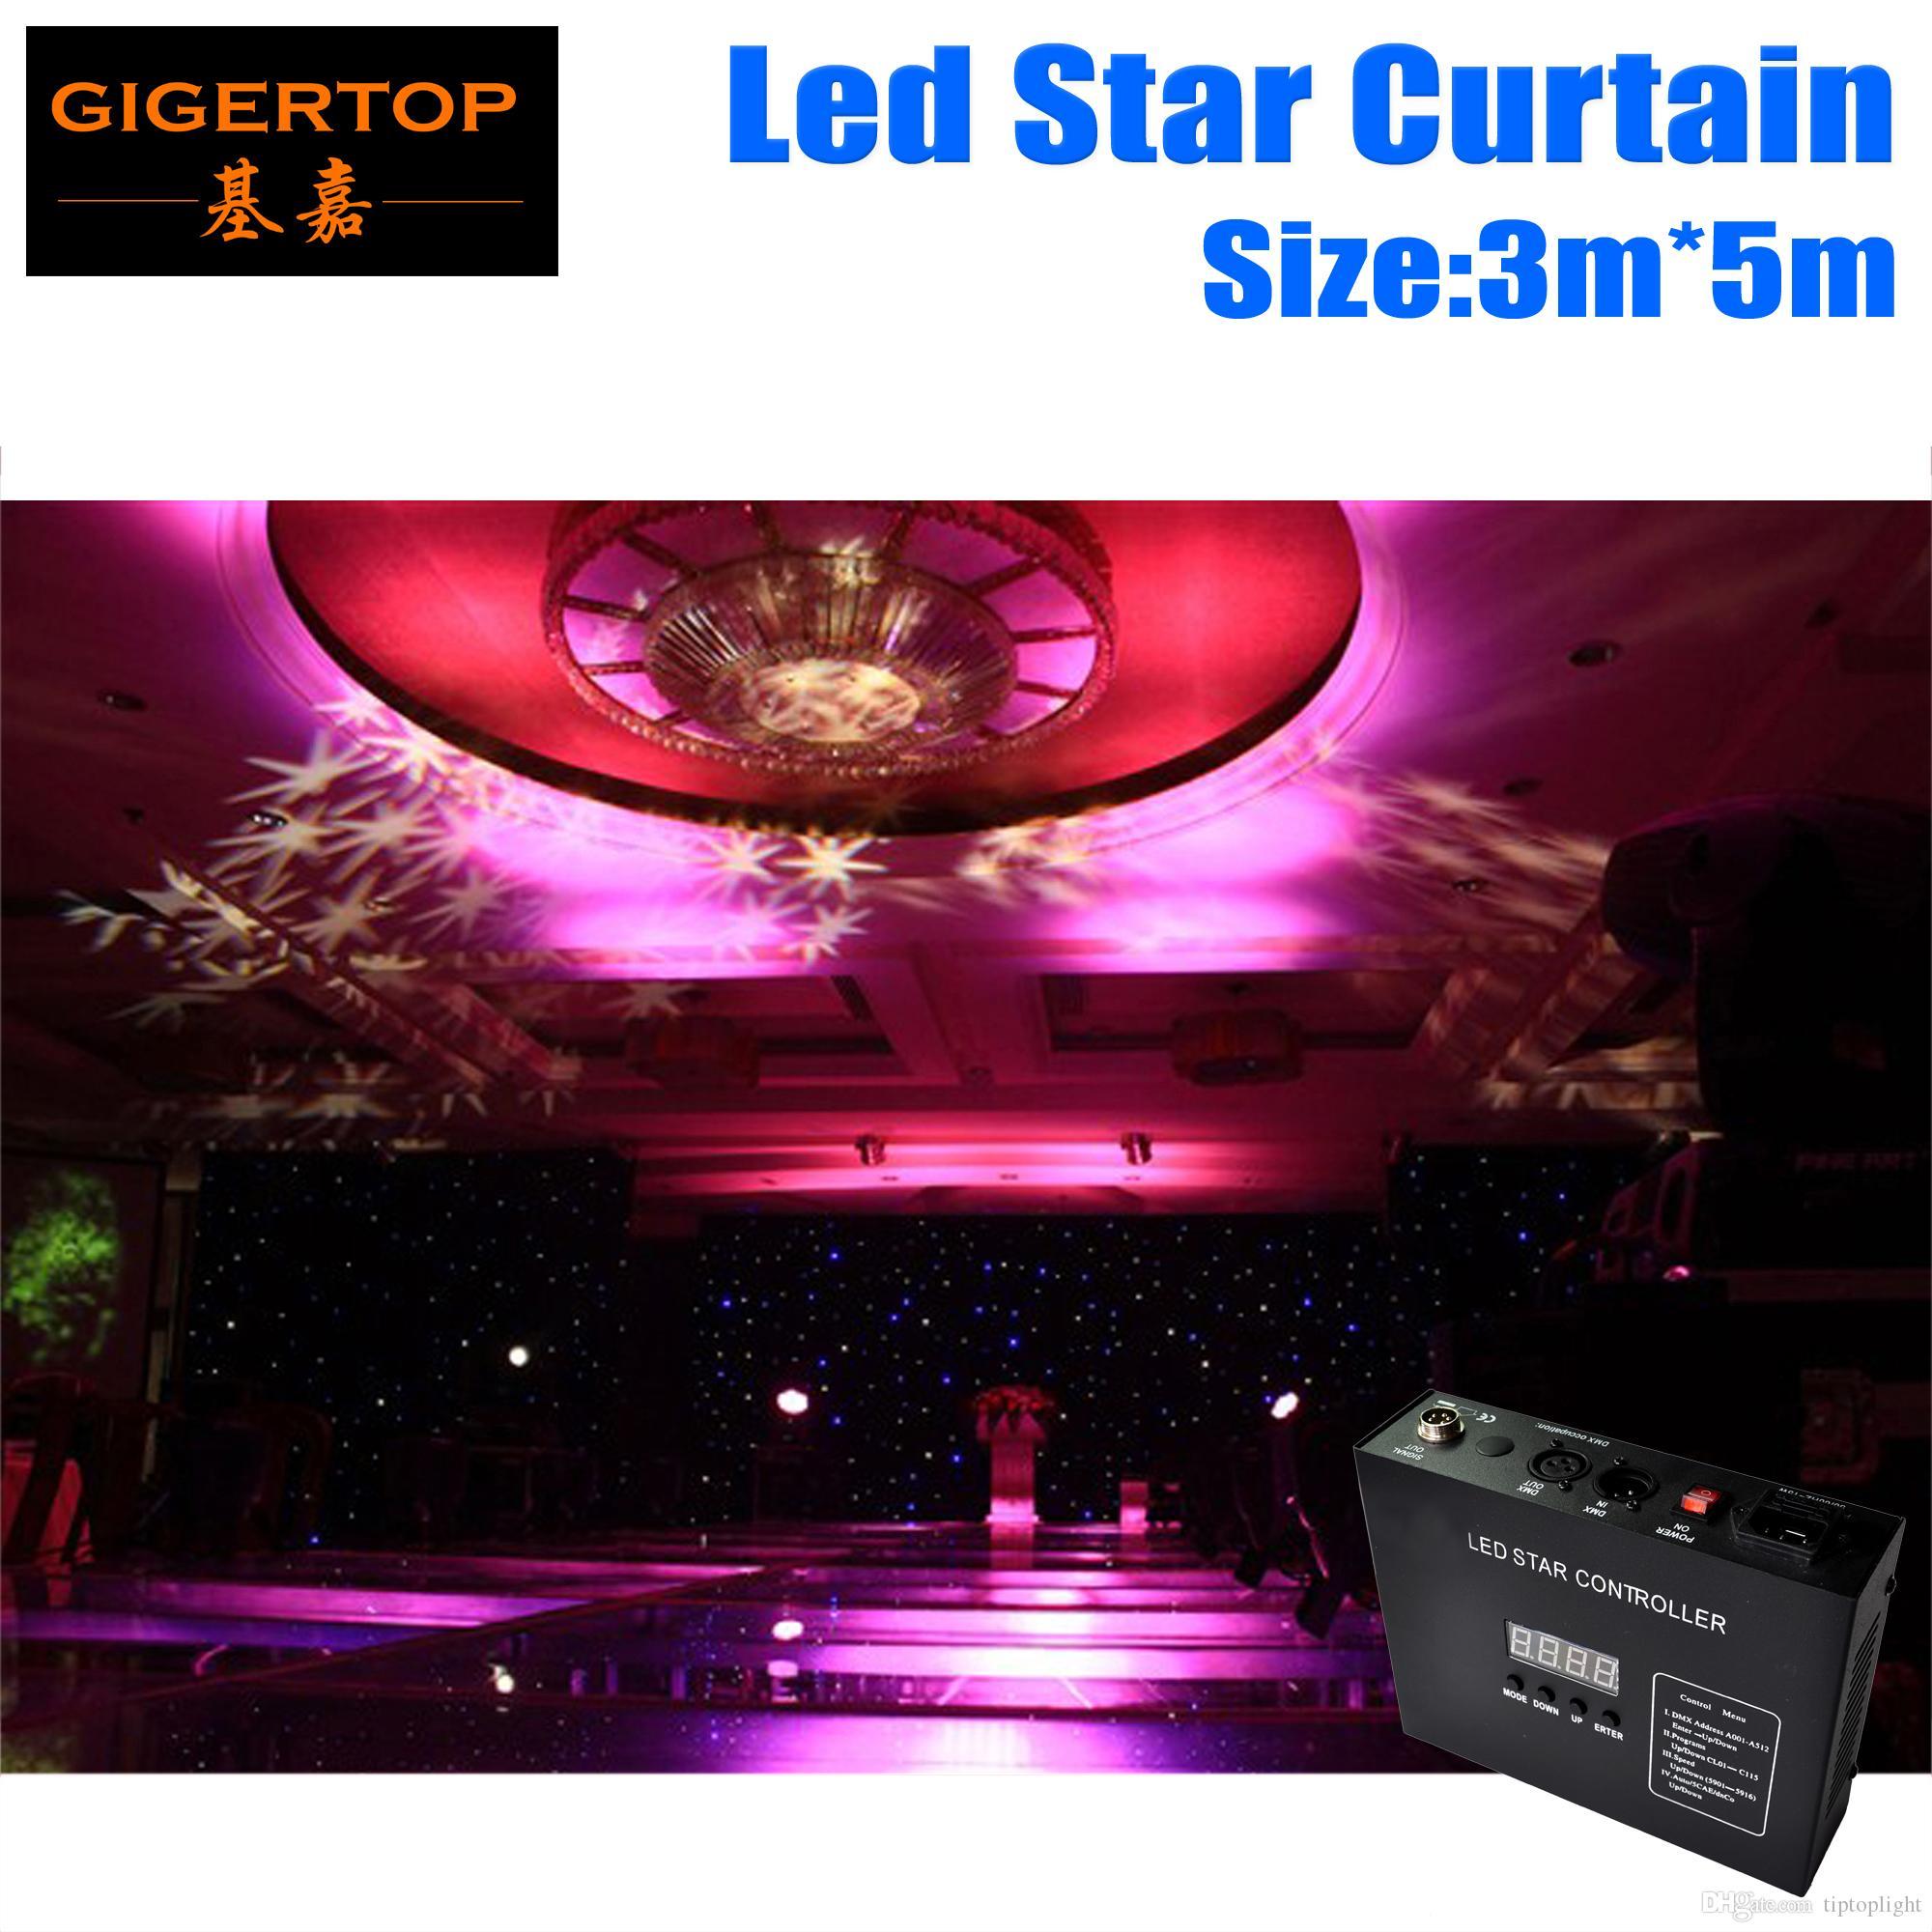 Freeshipping 3m * 5 M LED Zasłona Star do LED Scena Tło Ognioszczelne Zasłony Aksamitne Materiały RGBW Kolor 50mm LED Star Cloth + Controller